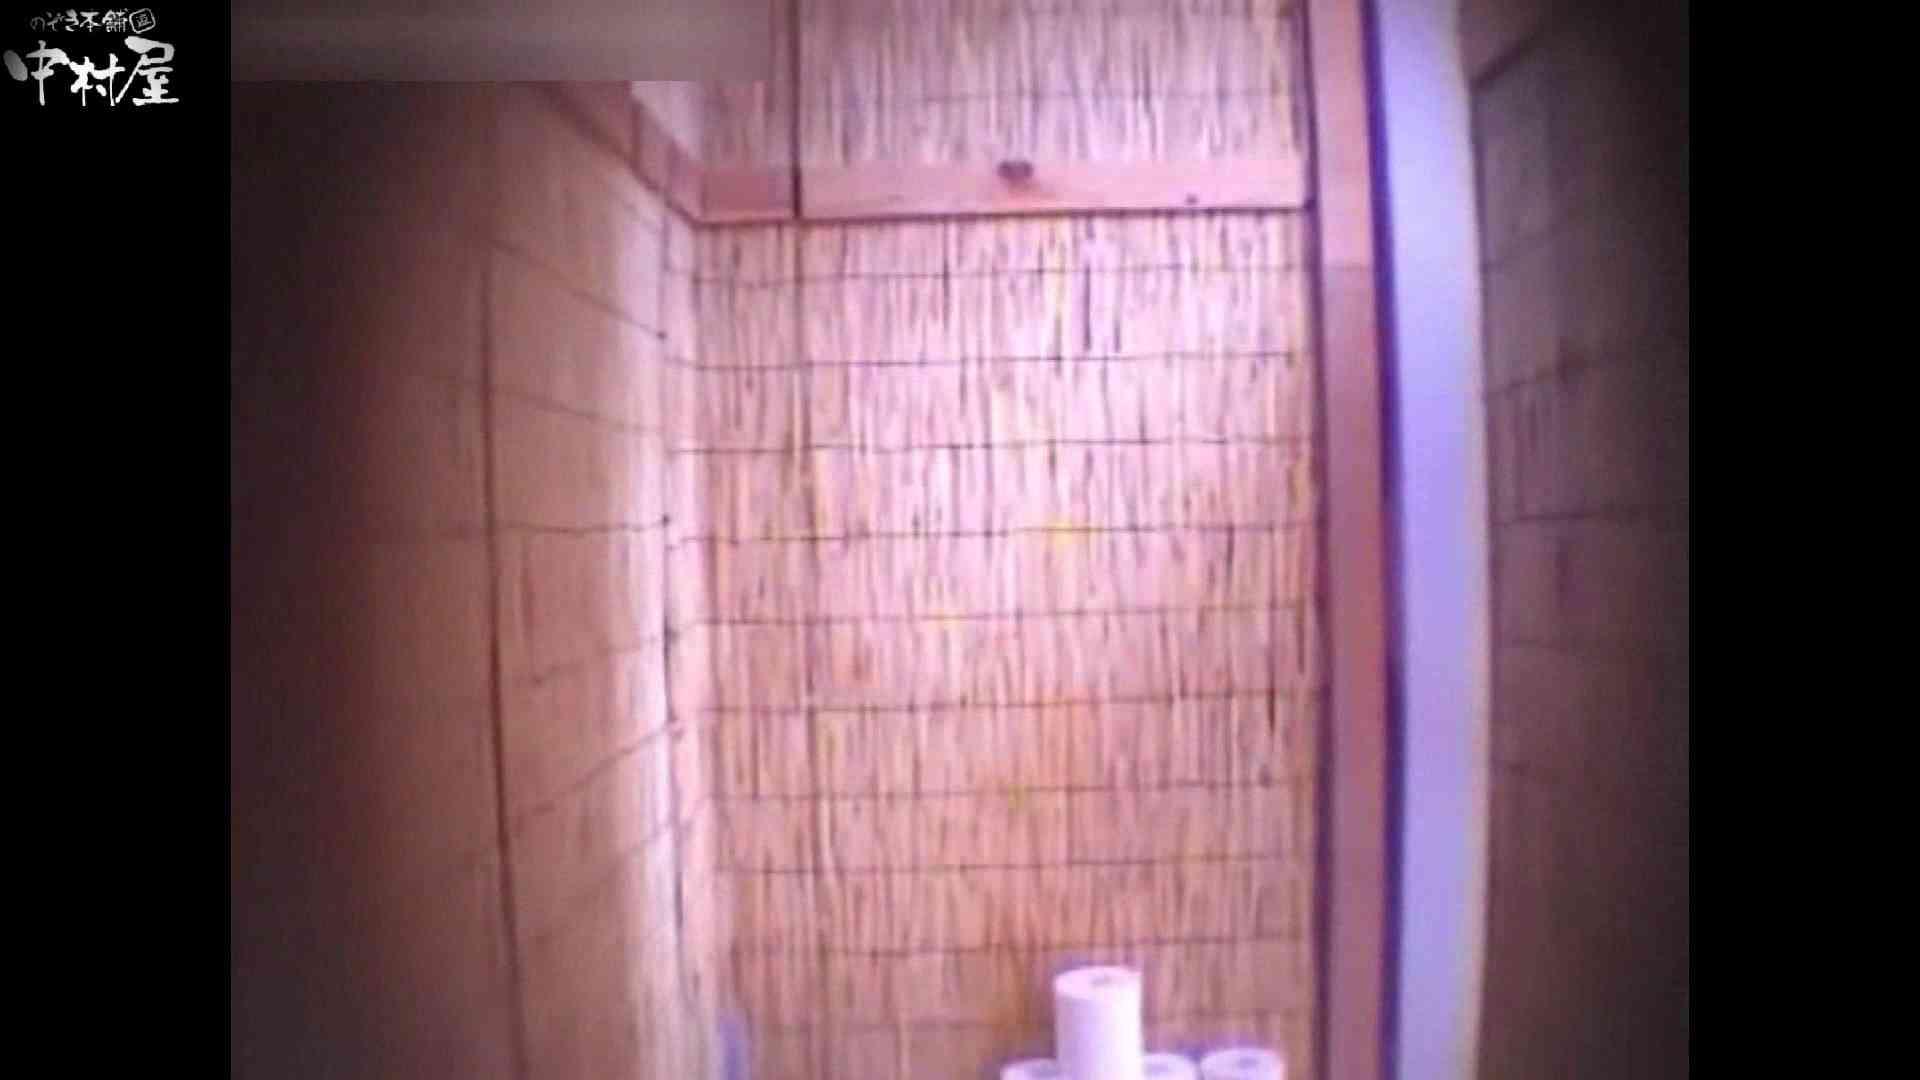 解禁!海の家4カメ洗面所vol.38 OLのエロ生活 オマンコ動画キャプチャ 45連発 10